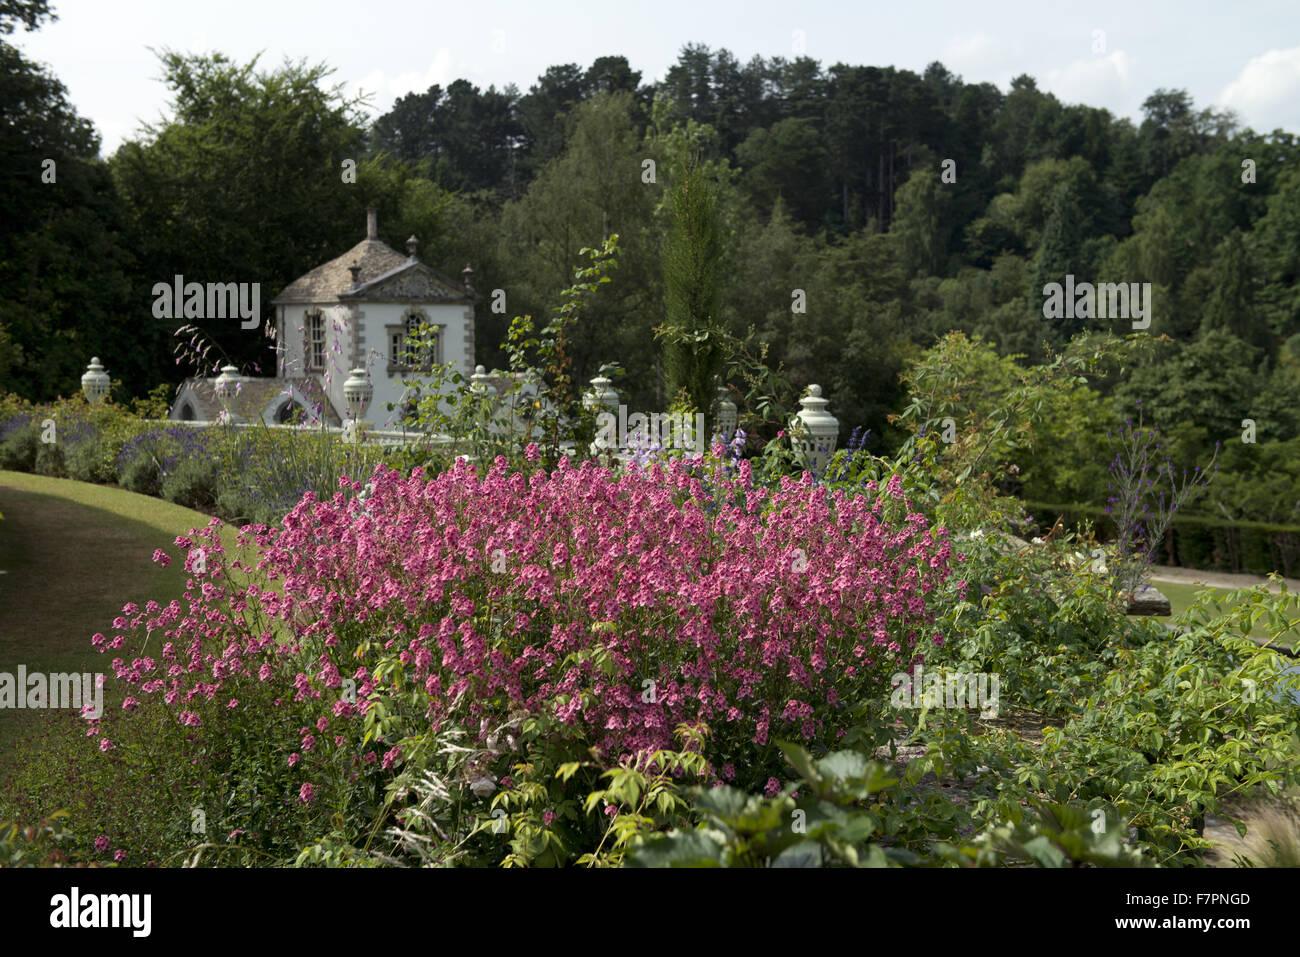 Ein Blick auf die Pin-Mühle über die Gärten im Juli bei Bodnant Garden, Clwyd, Wales. Erstellt von Stockbild